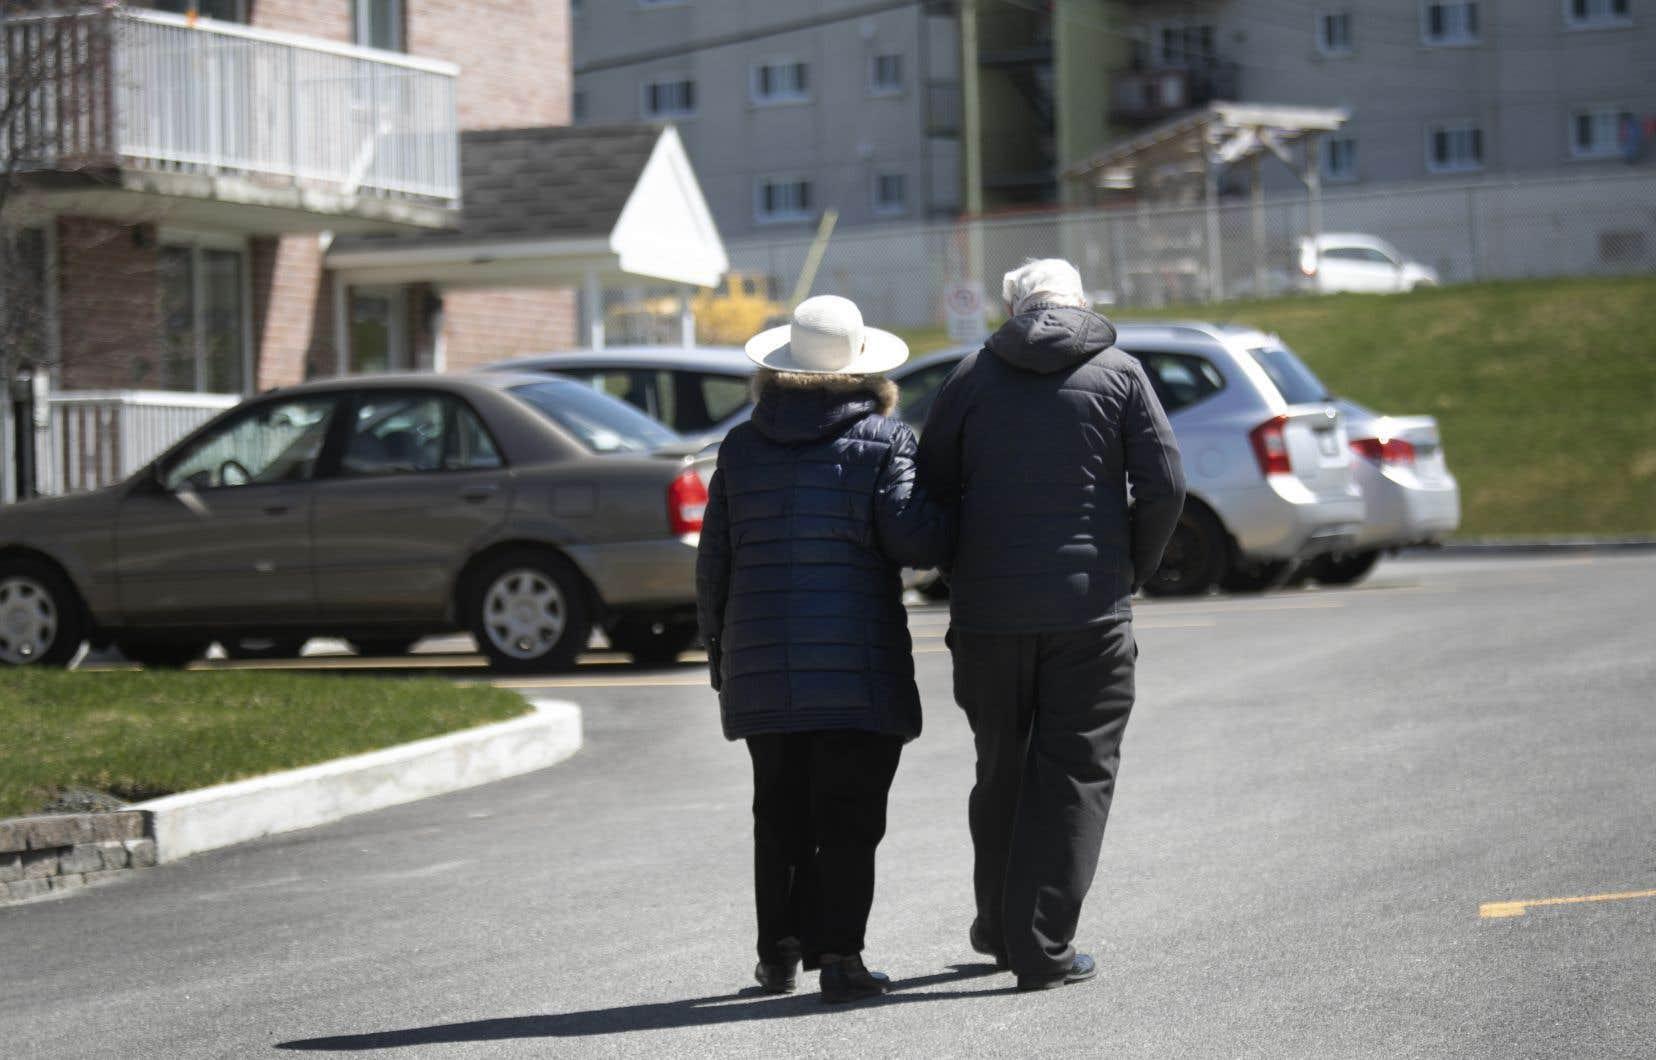 L'ISQ note que l'espérance de vie tend à augmenter au fil des ans, de sorte que l'ampleur des baisses de 2020 fait figure d'exception.